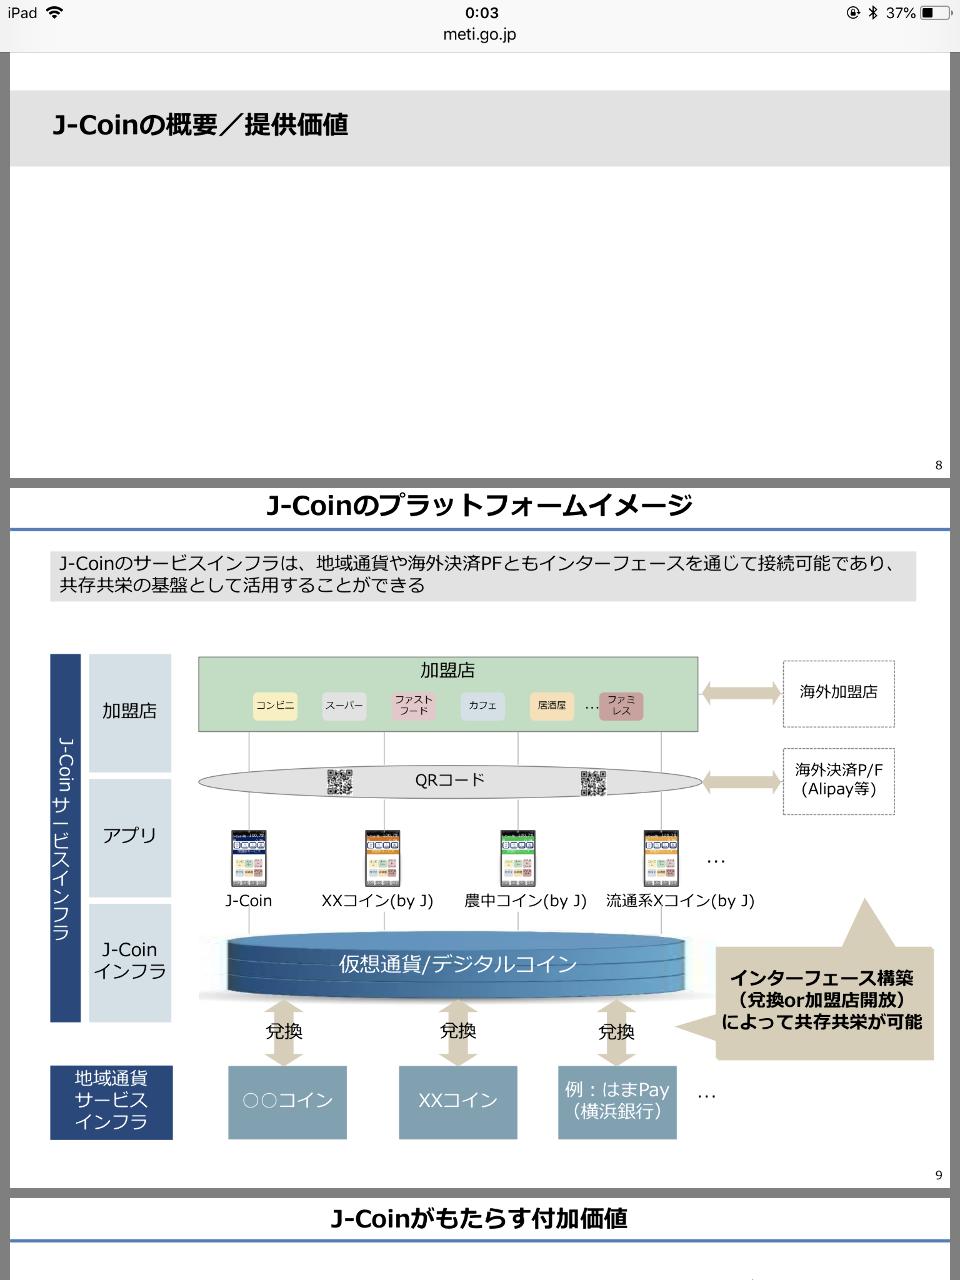 6172 - (株)メタップス Jコイン 構想